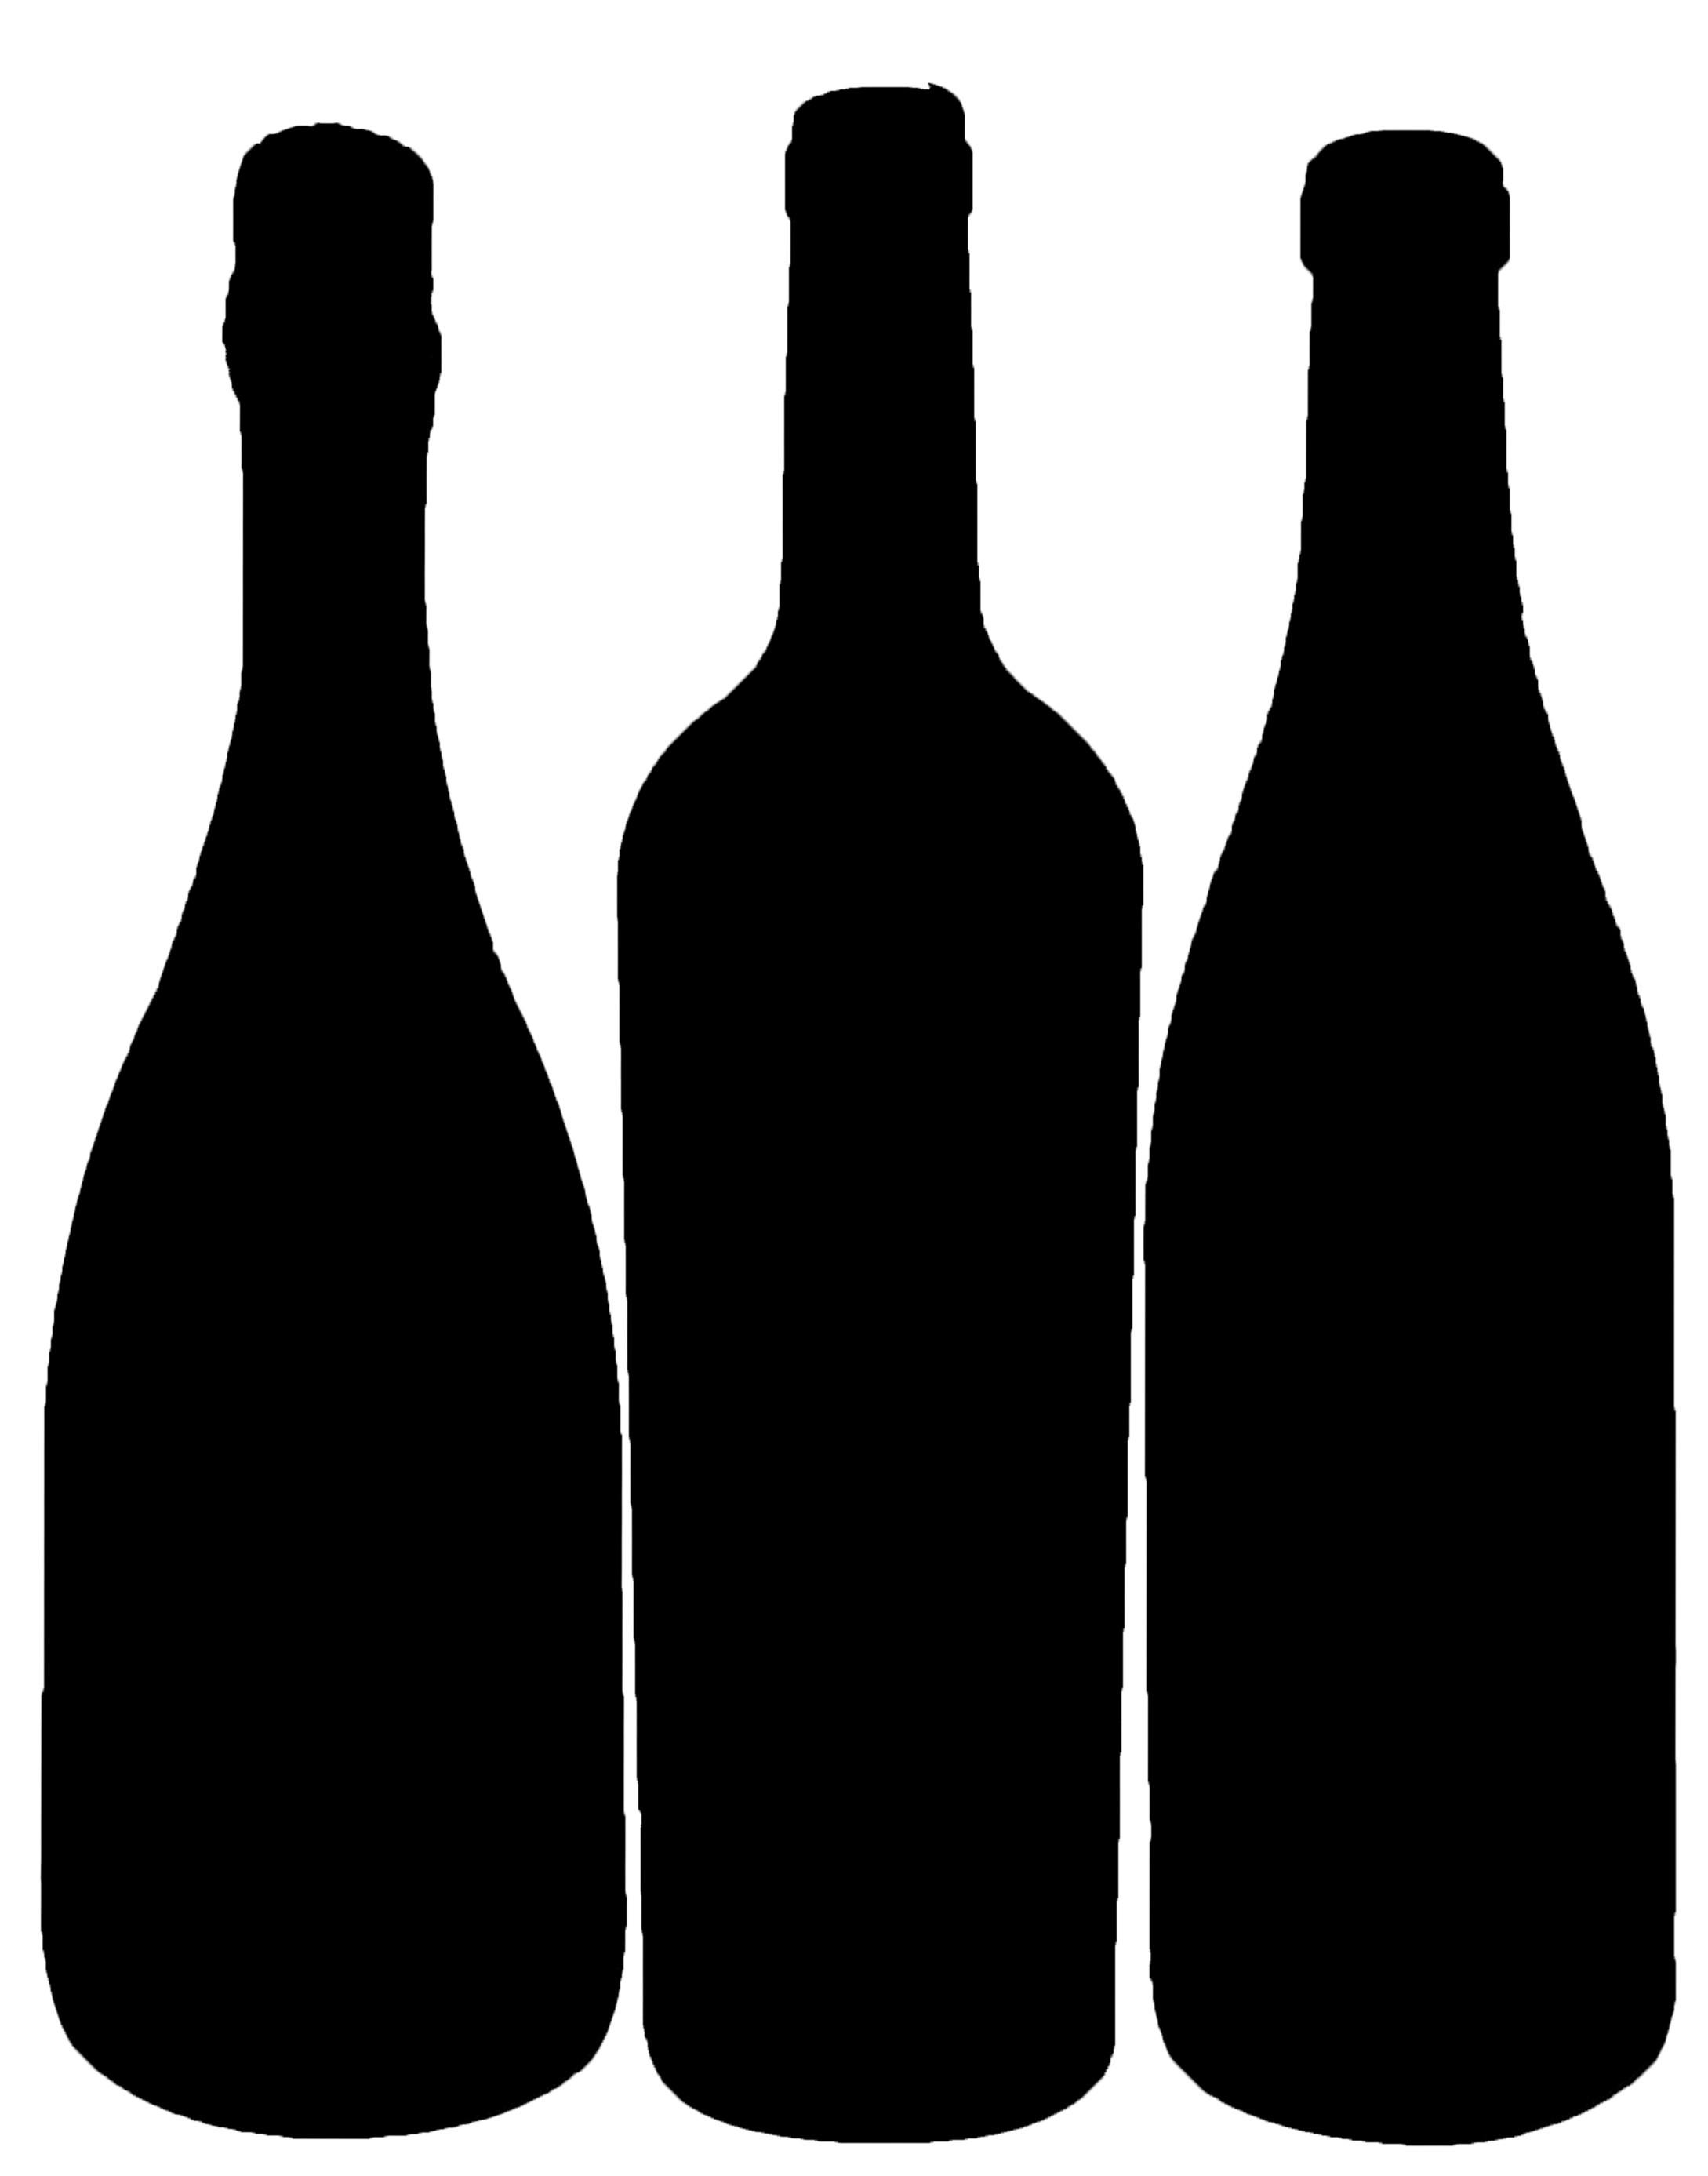 2178x2774 Silhouette Bottle Clipart, Explore Pictures